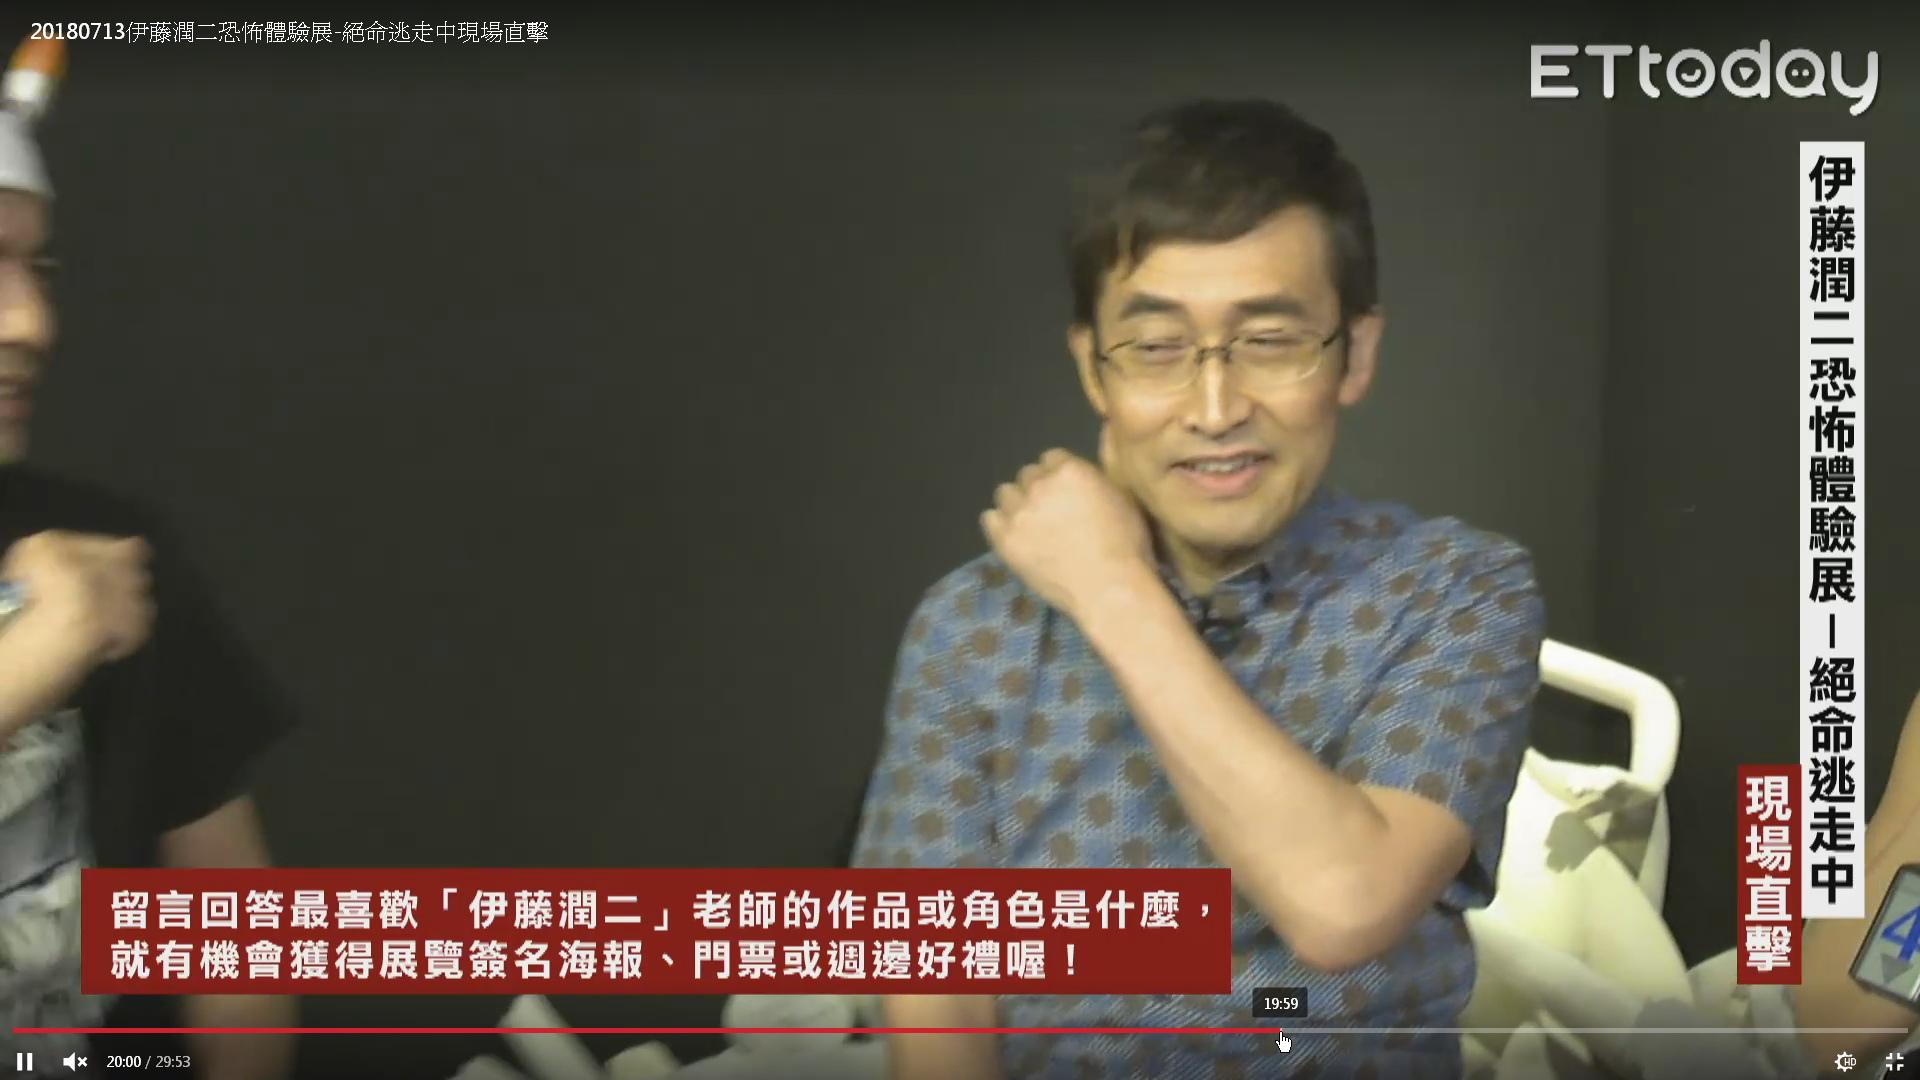 2018伊藤潤二恐怖體驗展 台北新光三越A9:伊藤潤二直播訪談 33.jpg